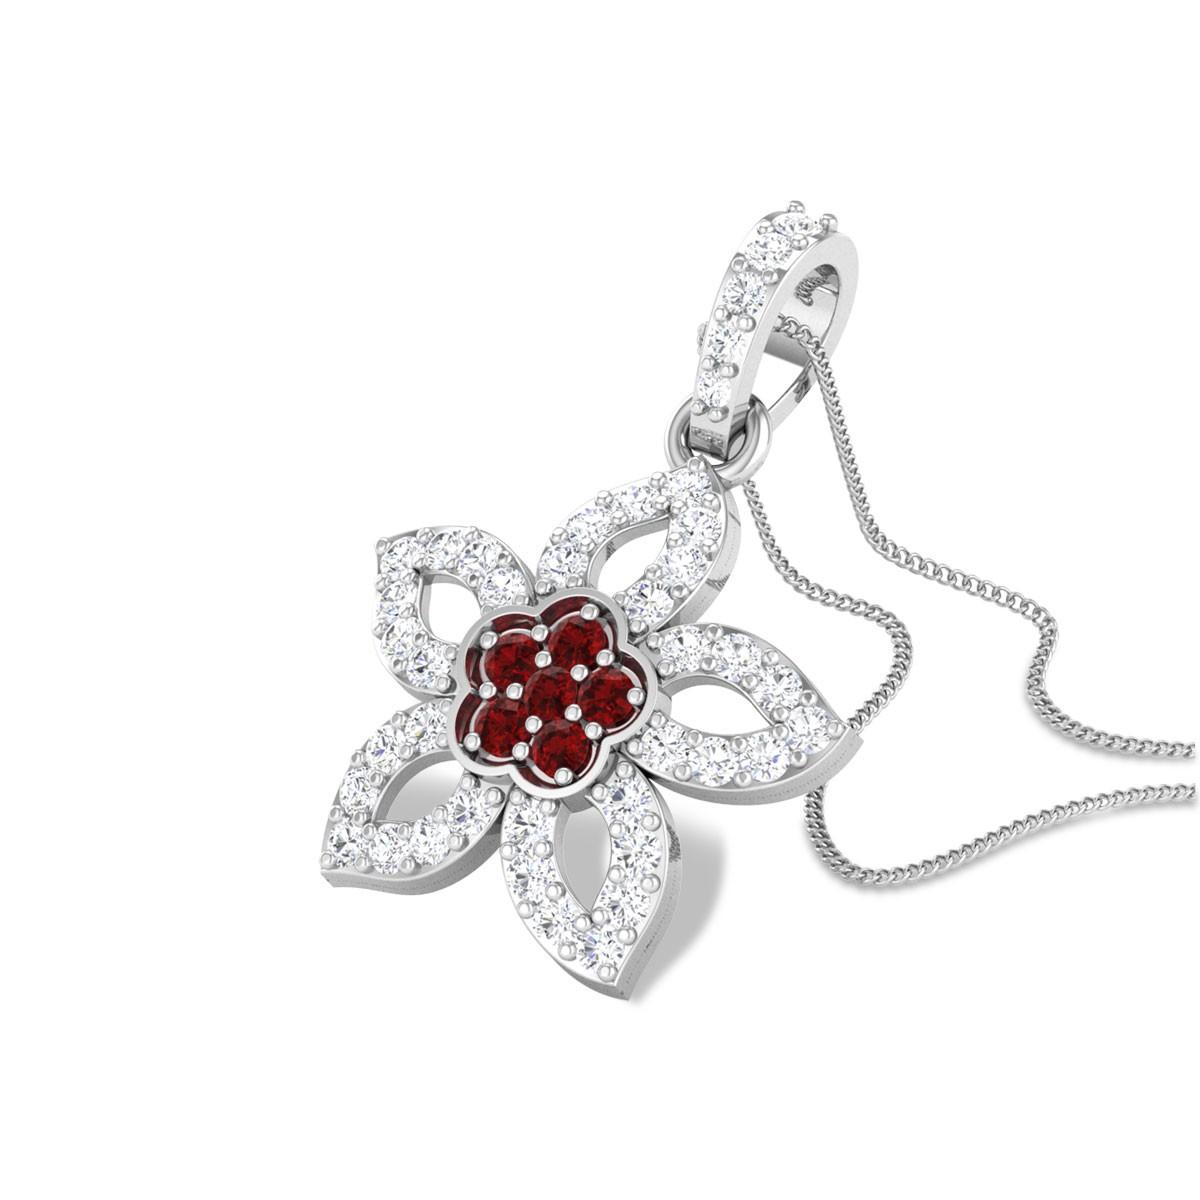 Aieeda Floral Ruby Pendant